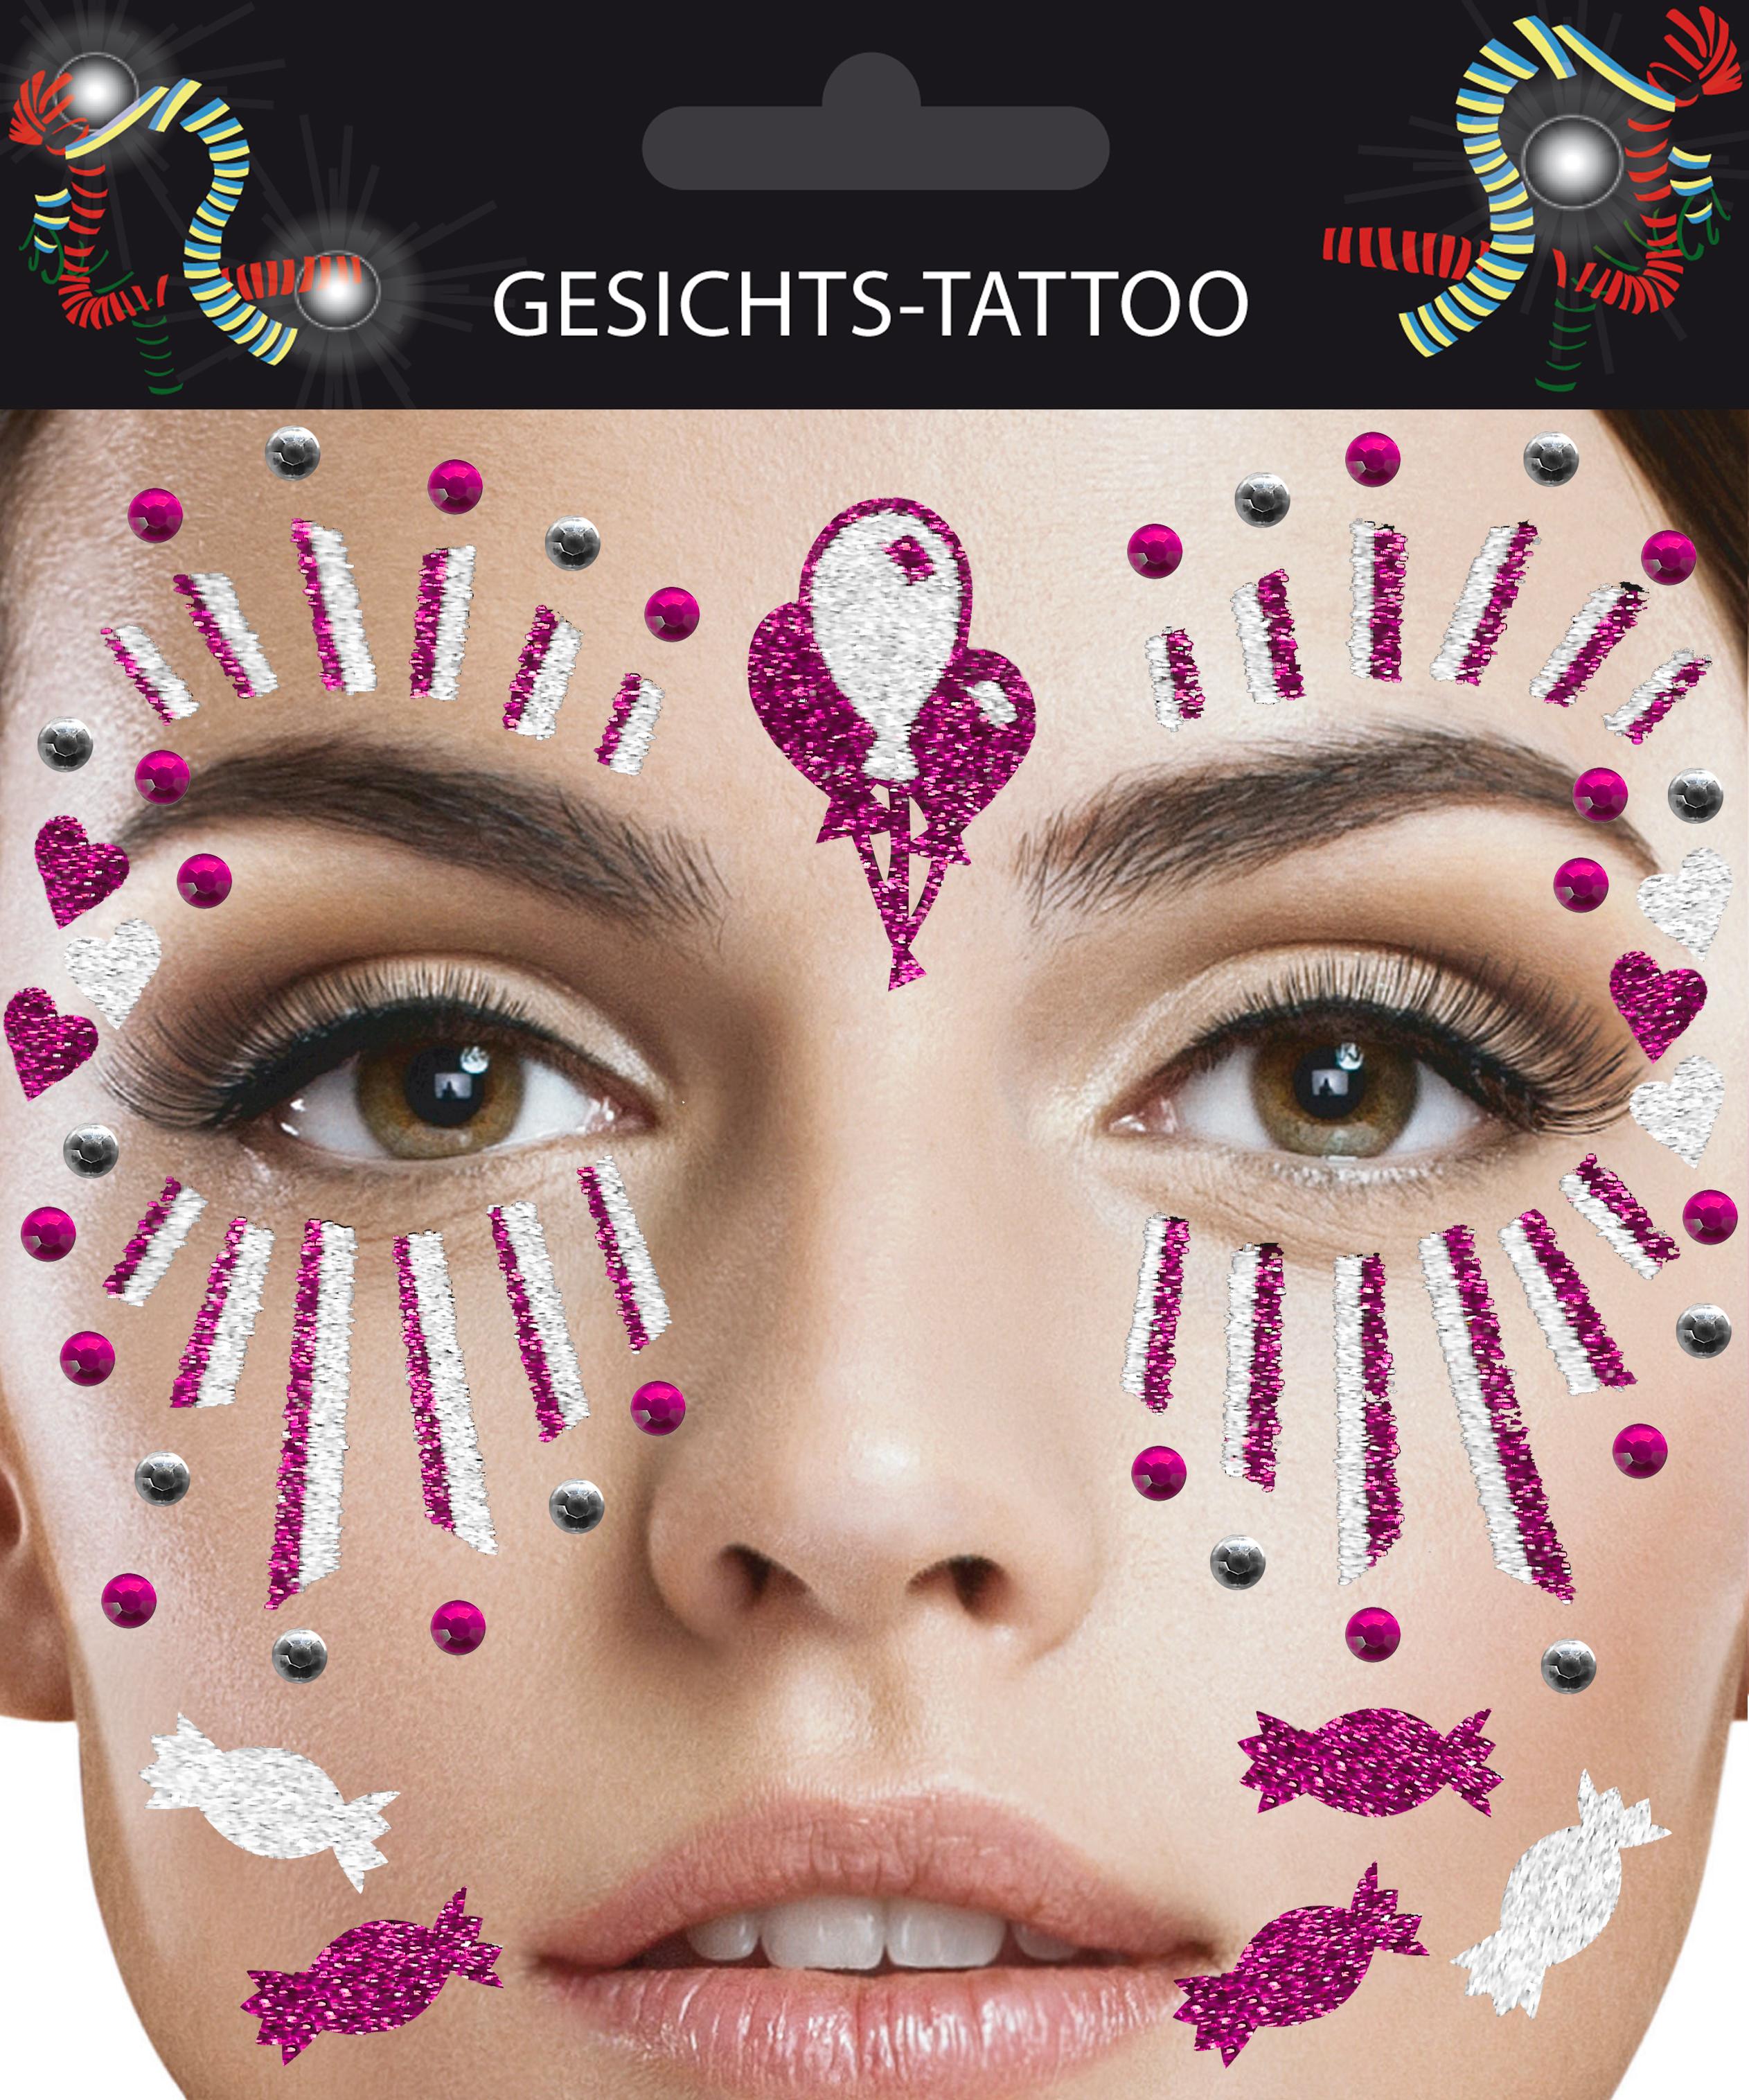 Gesichts-Tattoo Clown pink weiß